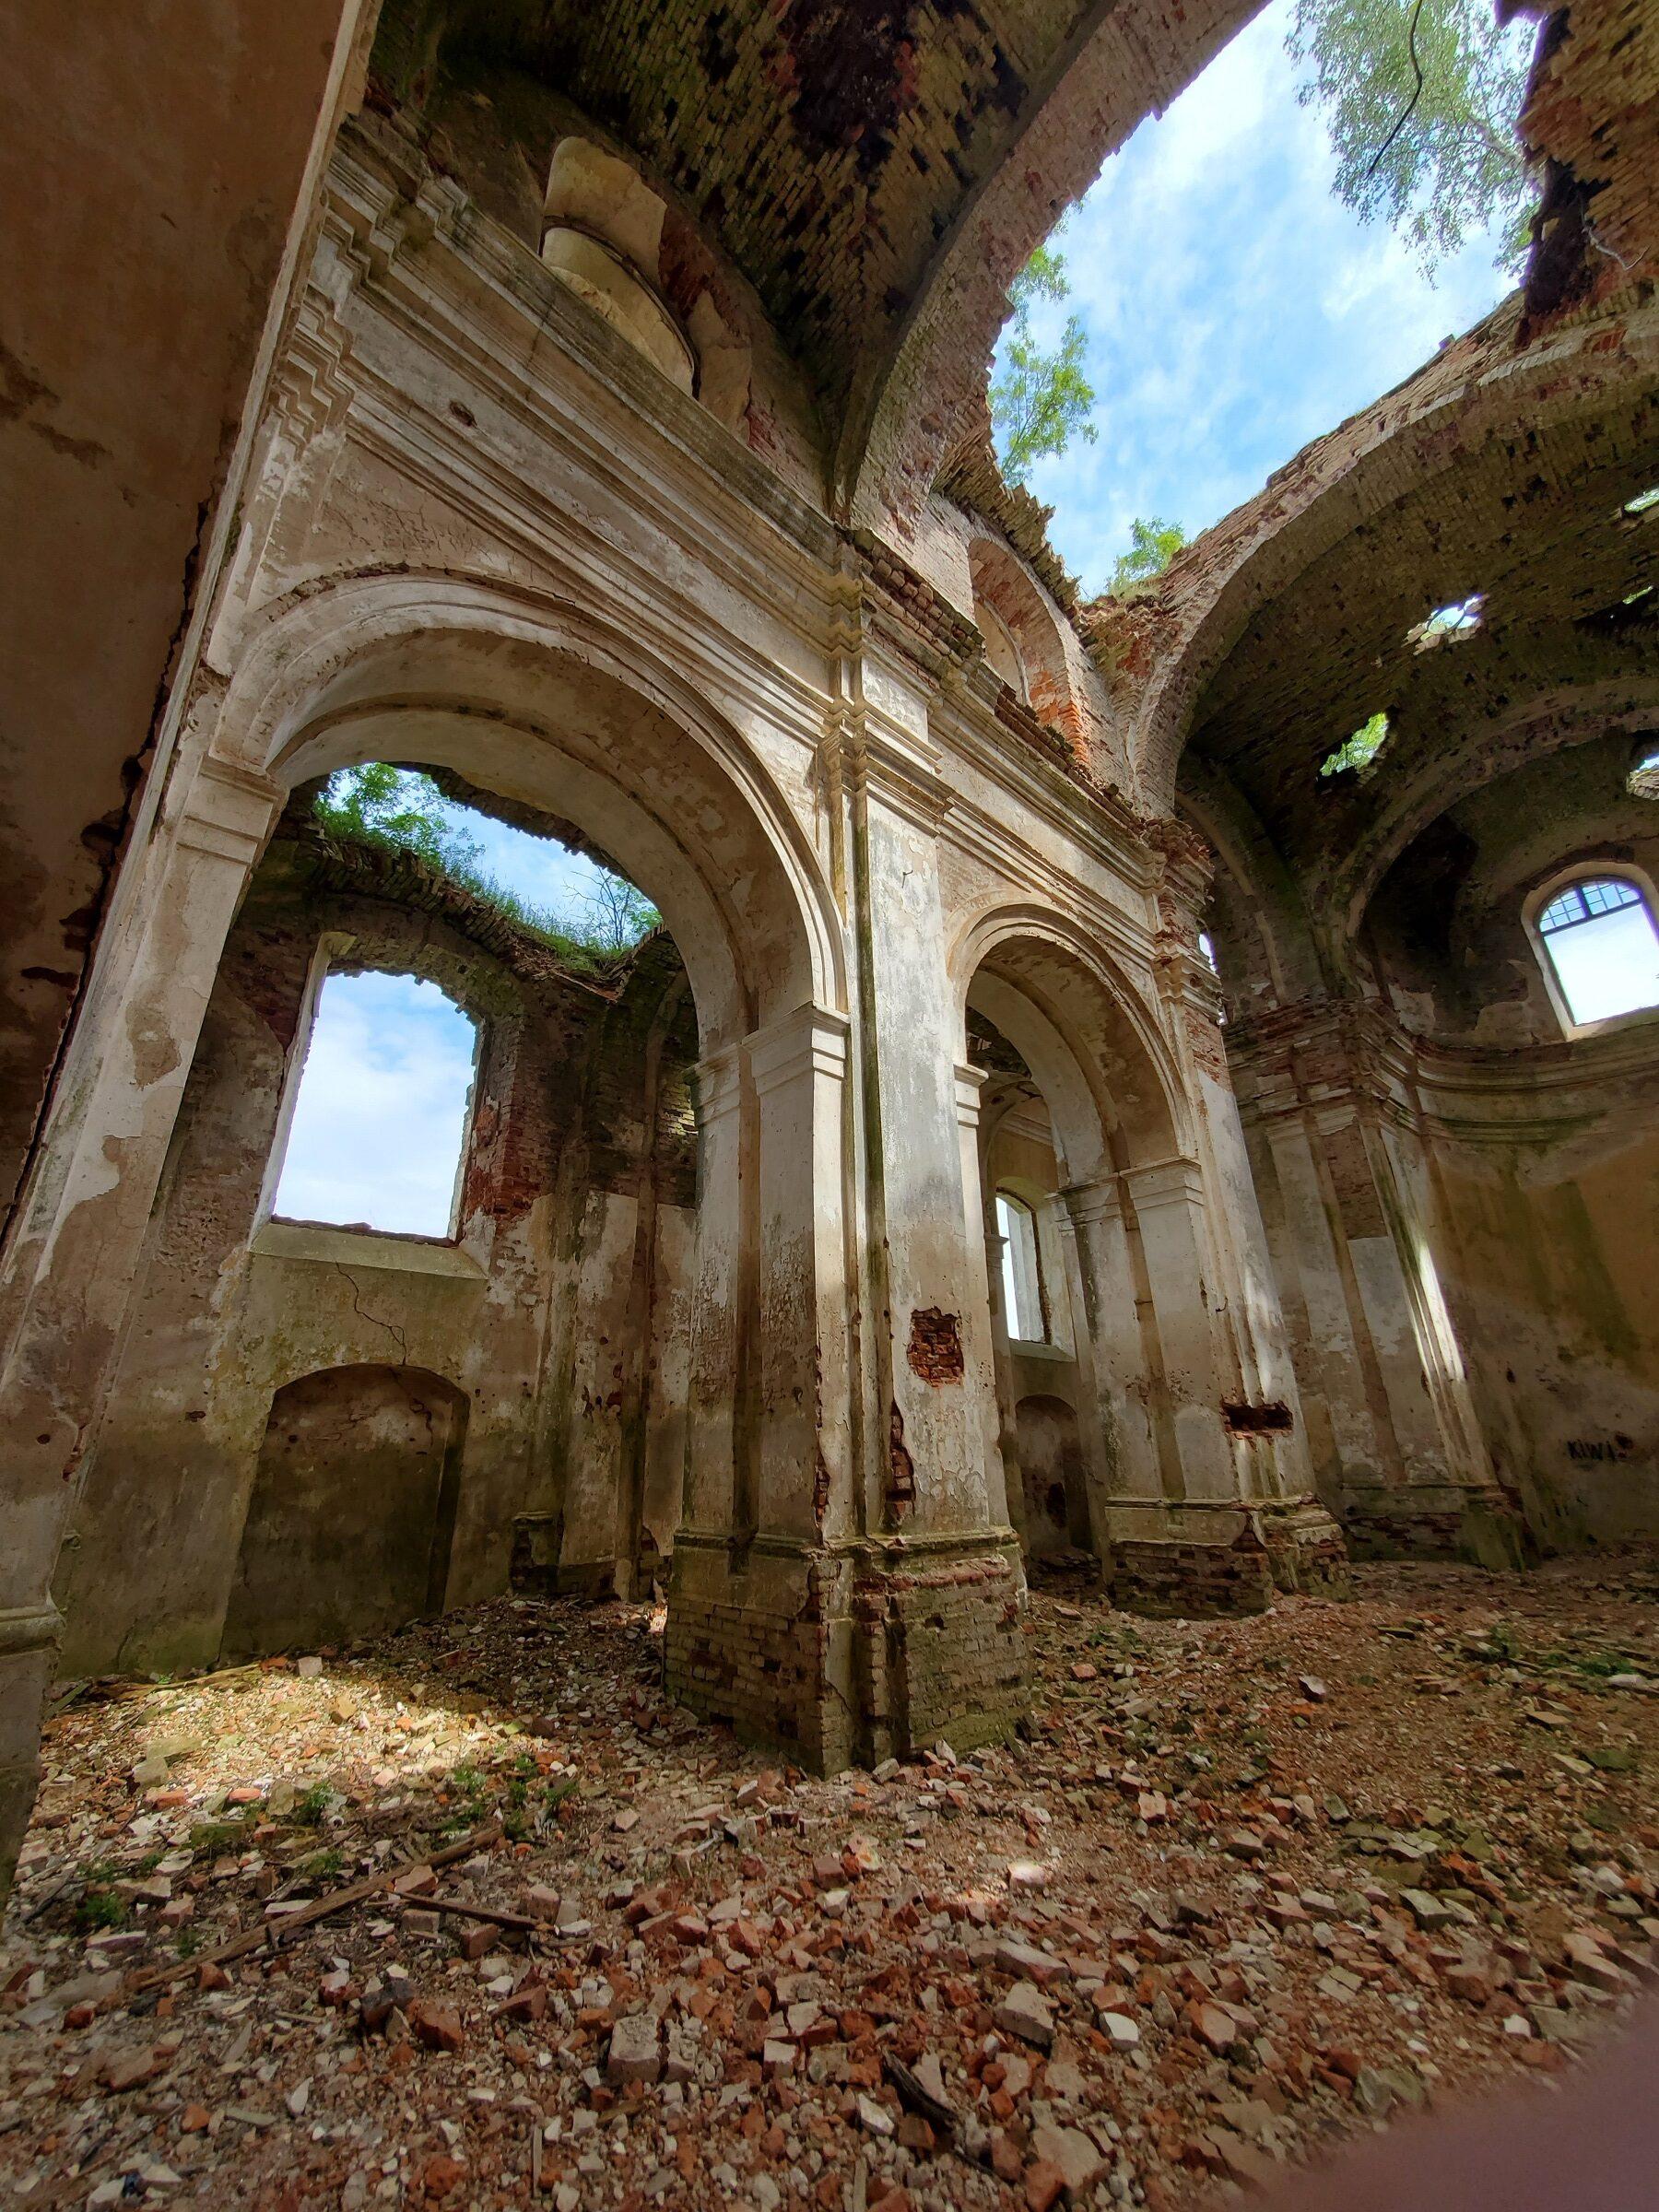 20200705 132446 rotated - Памятники архитектуры в Селище